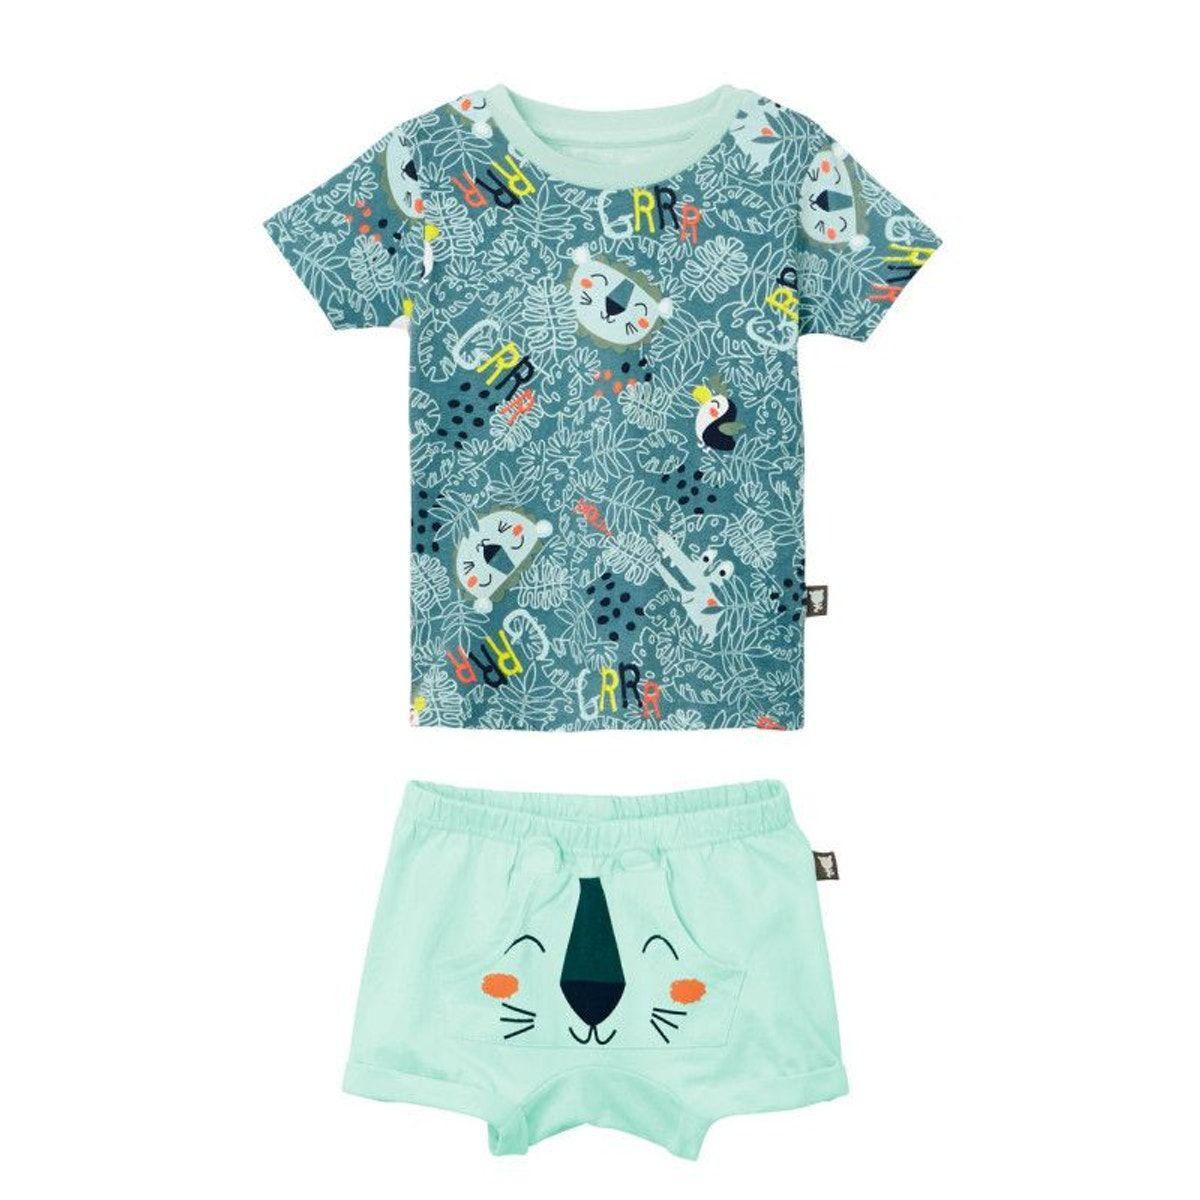 8a6dce0106540 Pyjama Manches Courtes Garçon Camoujungle - Taille : 2 ans;3 ans;4 ans